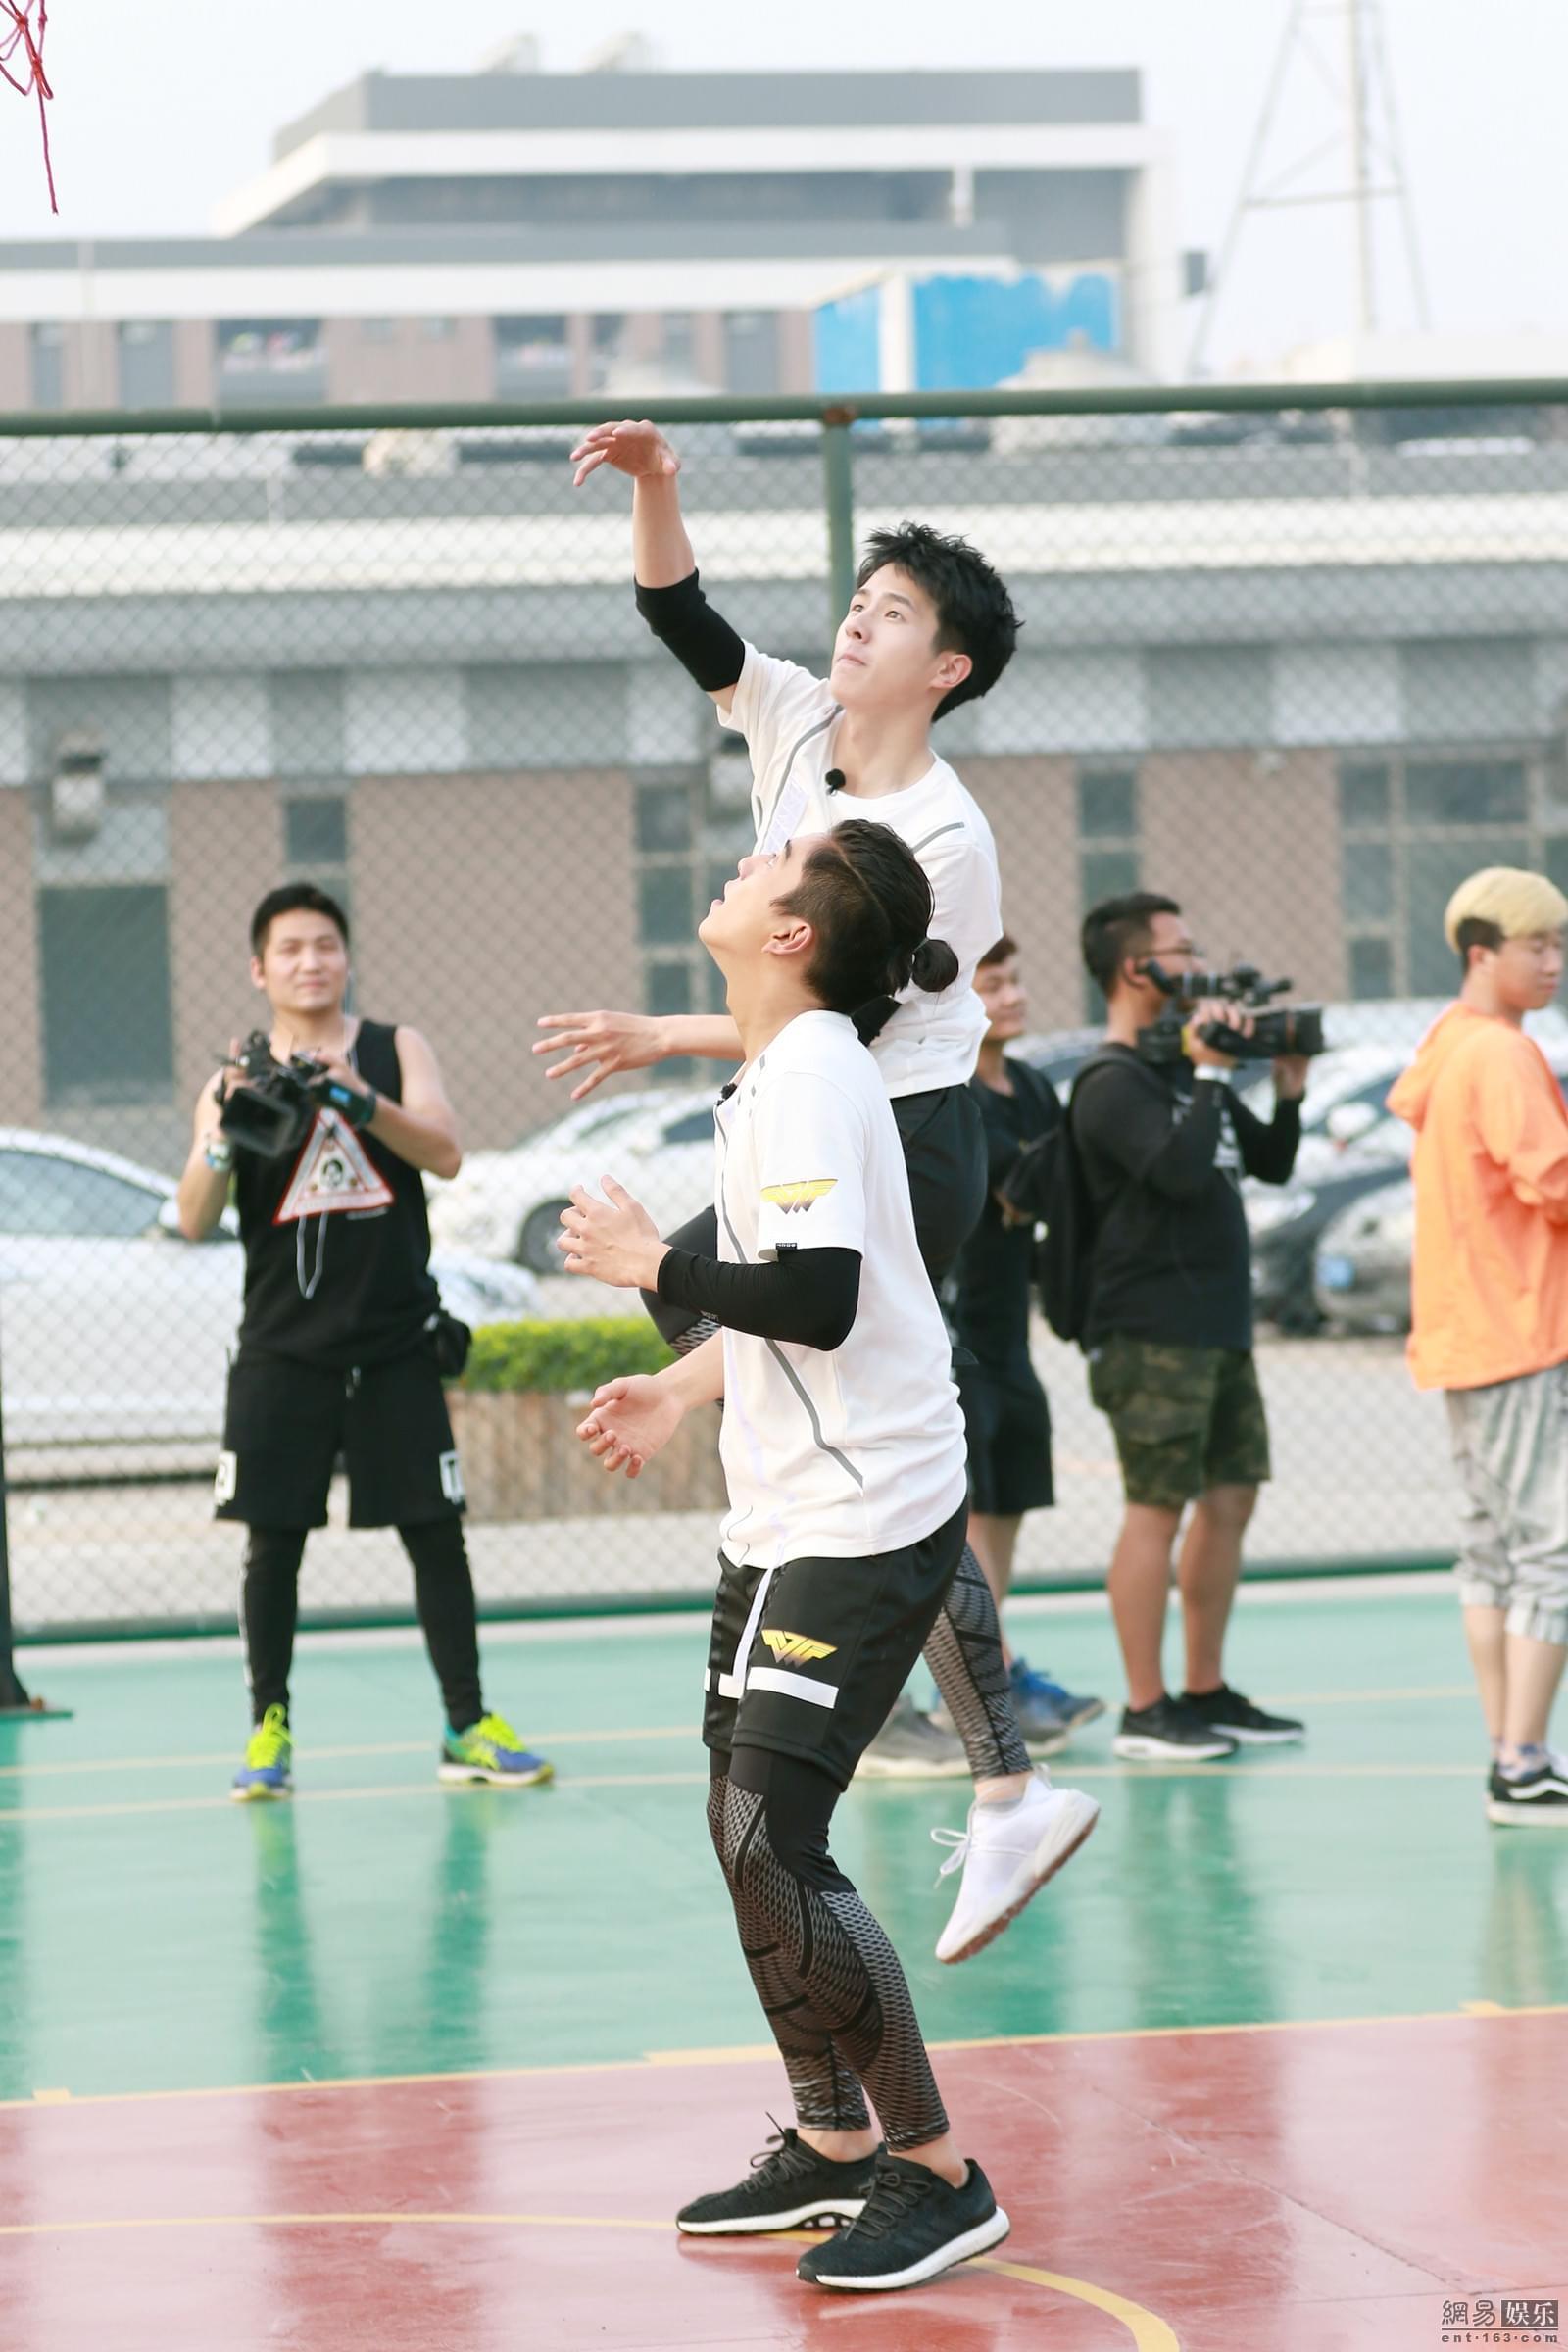 《高能》王俊凯刘昊然篮球MVP大赛一决胜负